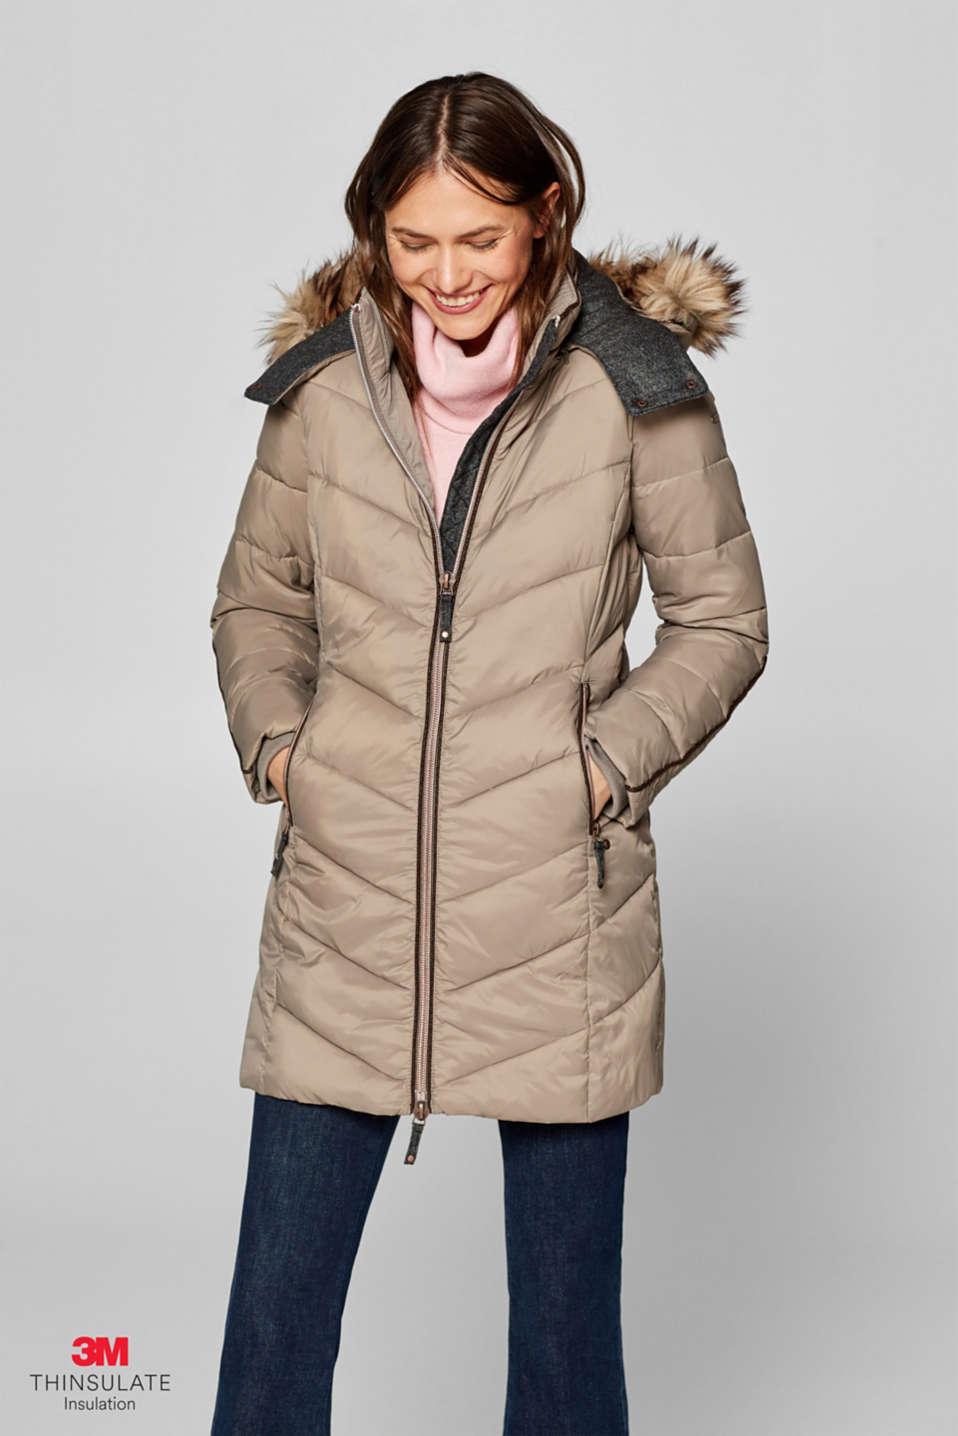 c672ded9155 Esprit   Abrigo acolchado con relleno 3M® Thinsulate® en la Online-Shop